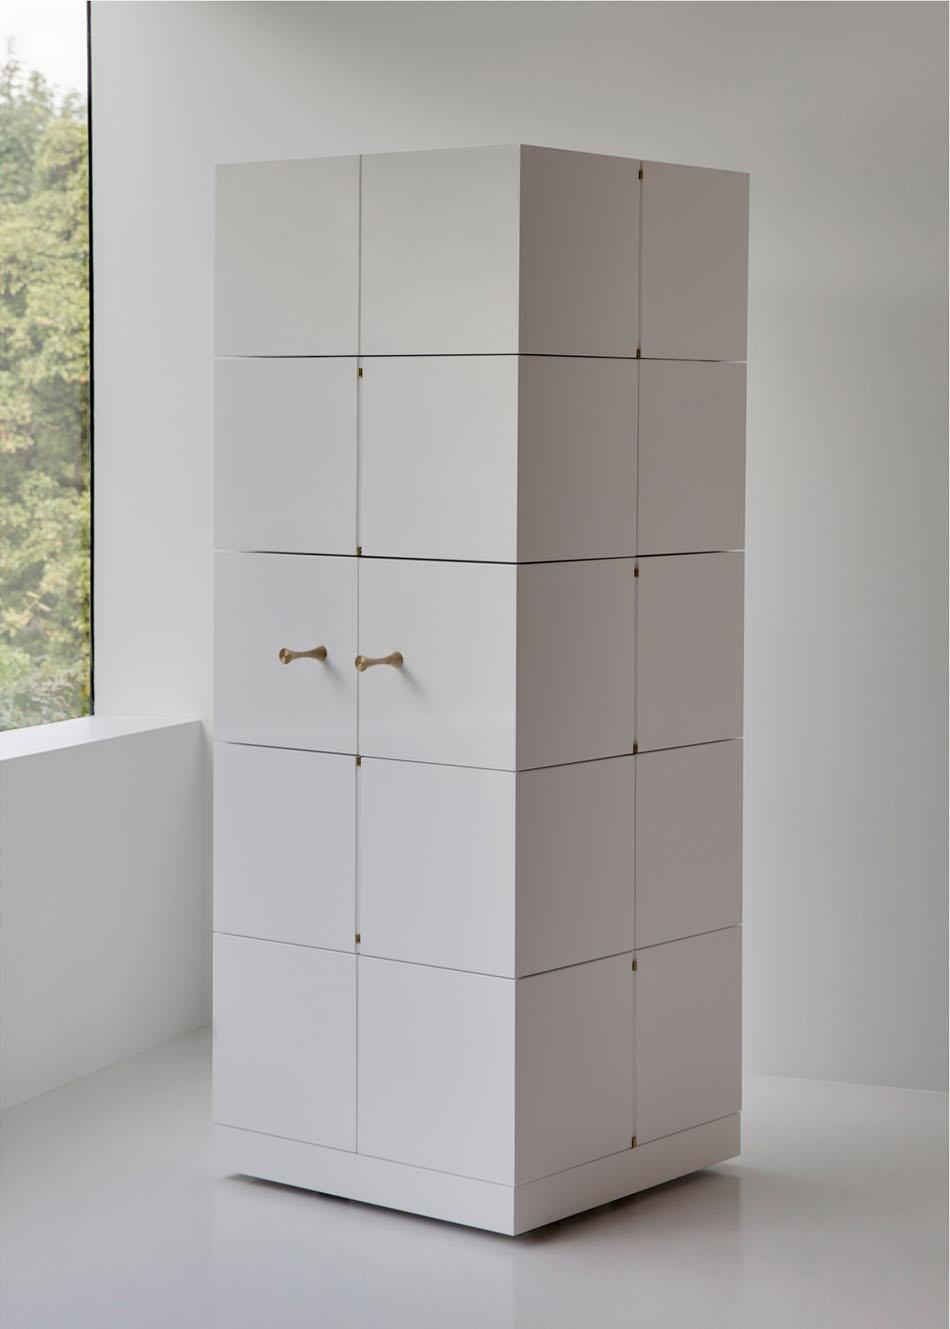 Дизайнерский шкаф в интерьере дома: Cubrick Twenty